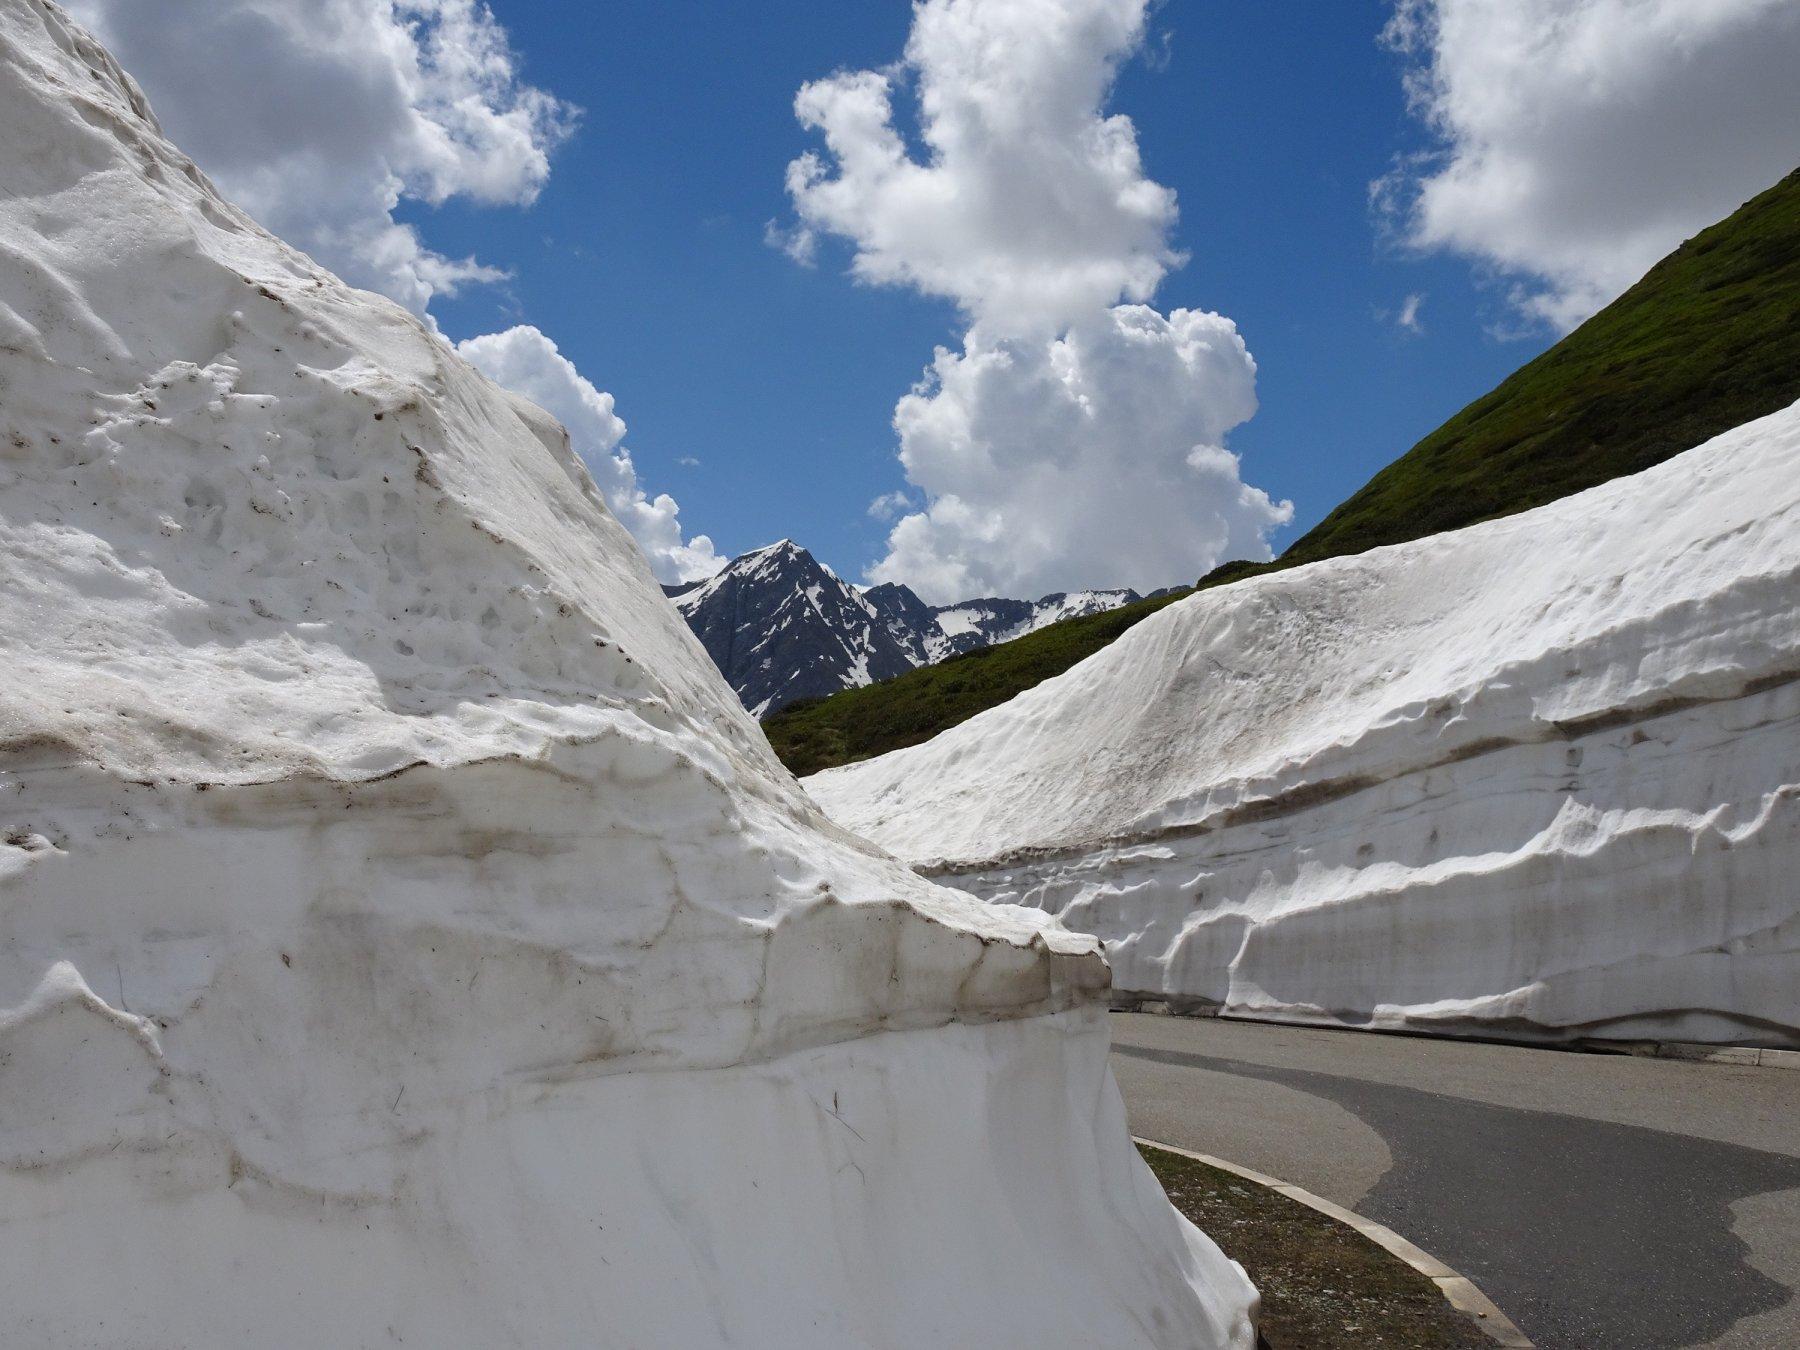 tanta neve fresata ma sui pendii inizia a scarseggiare